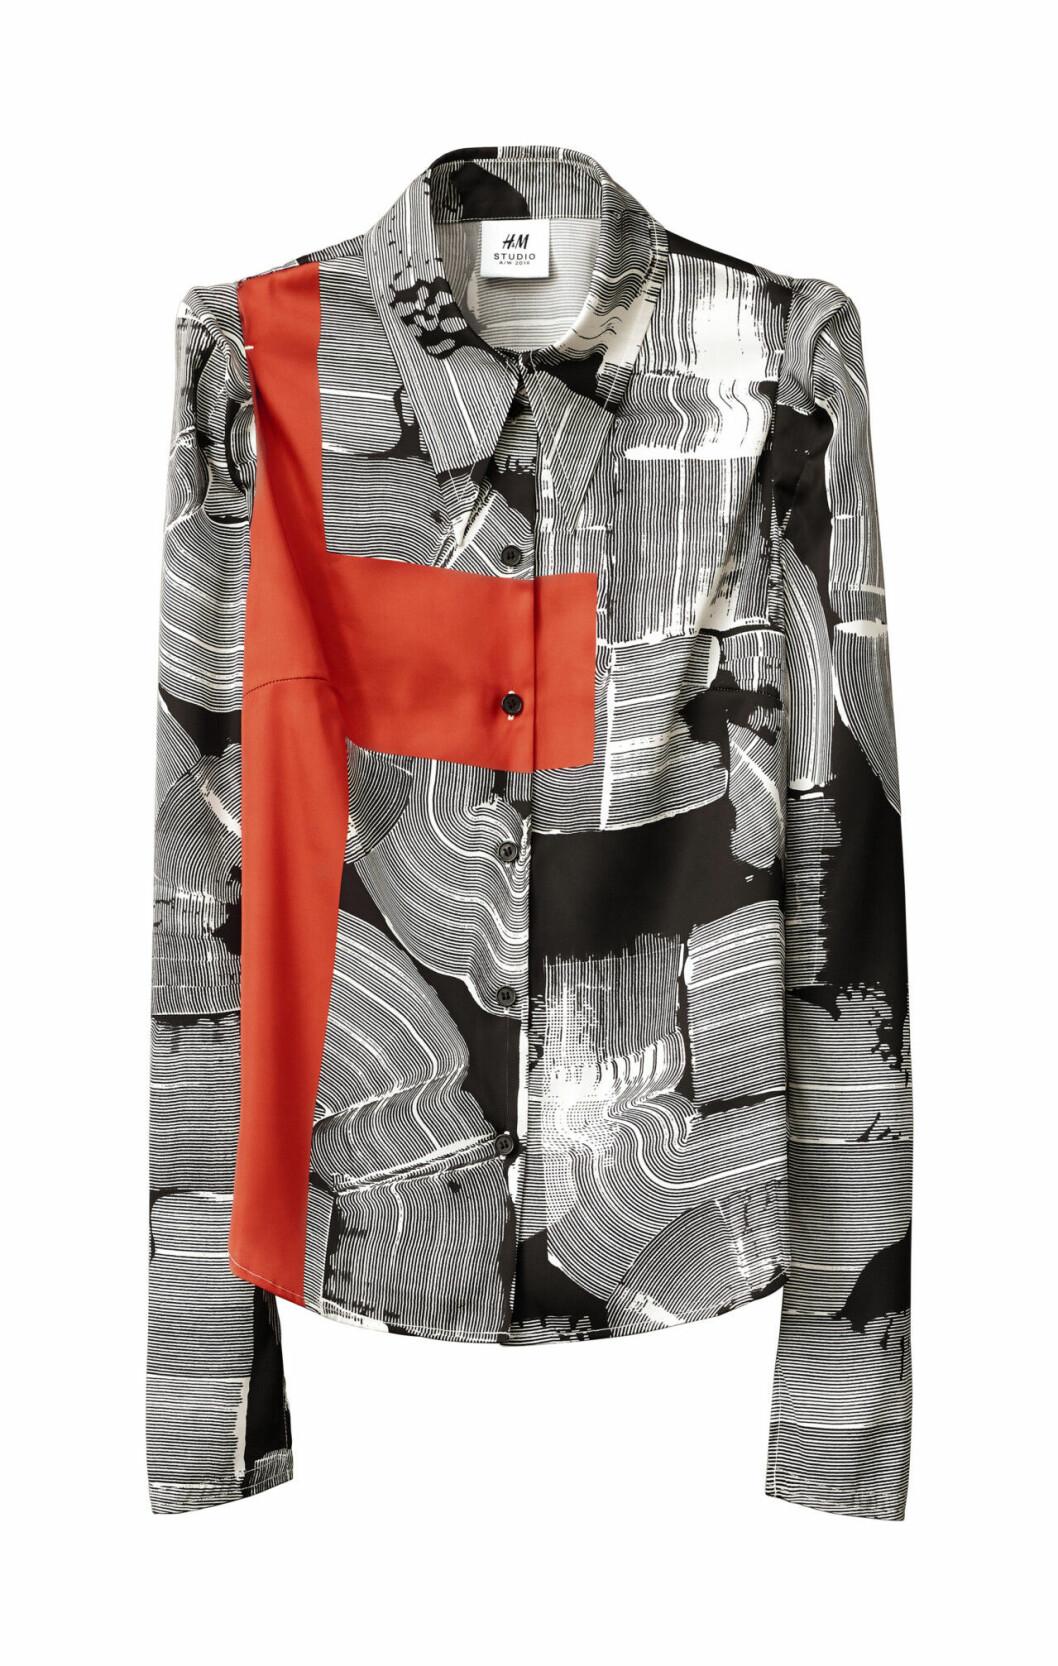 H&M Studio höstkollektion aw 2019 – skjorta i svart och vitt